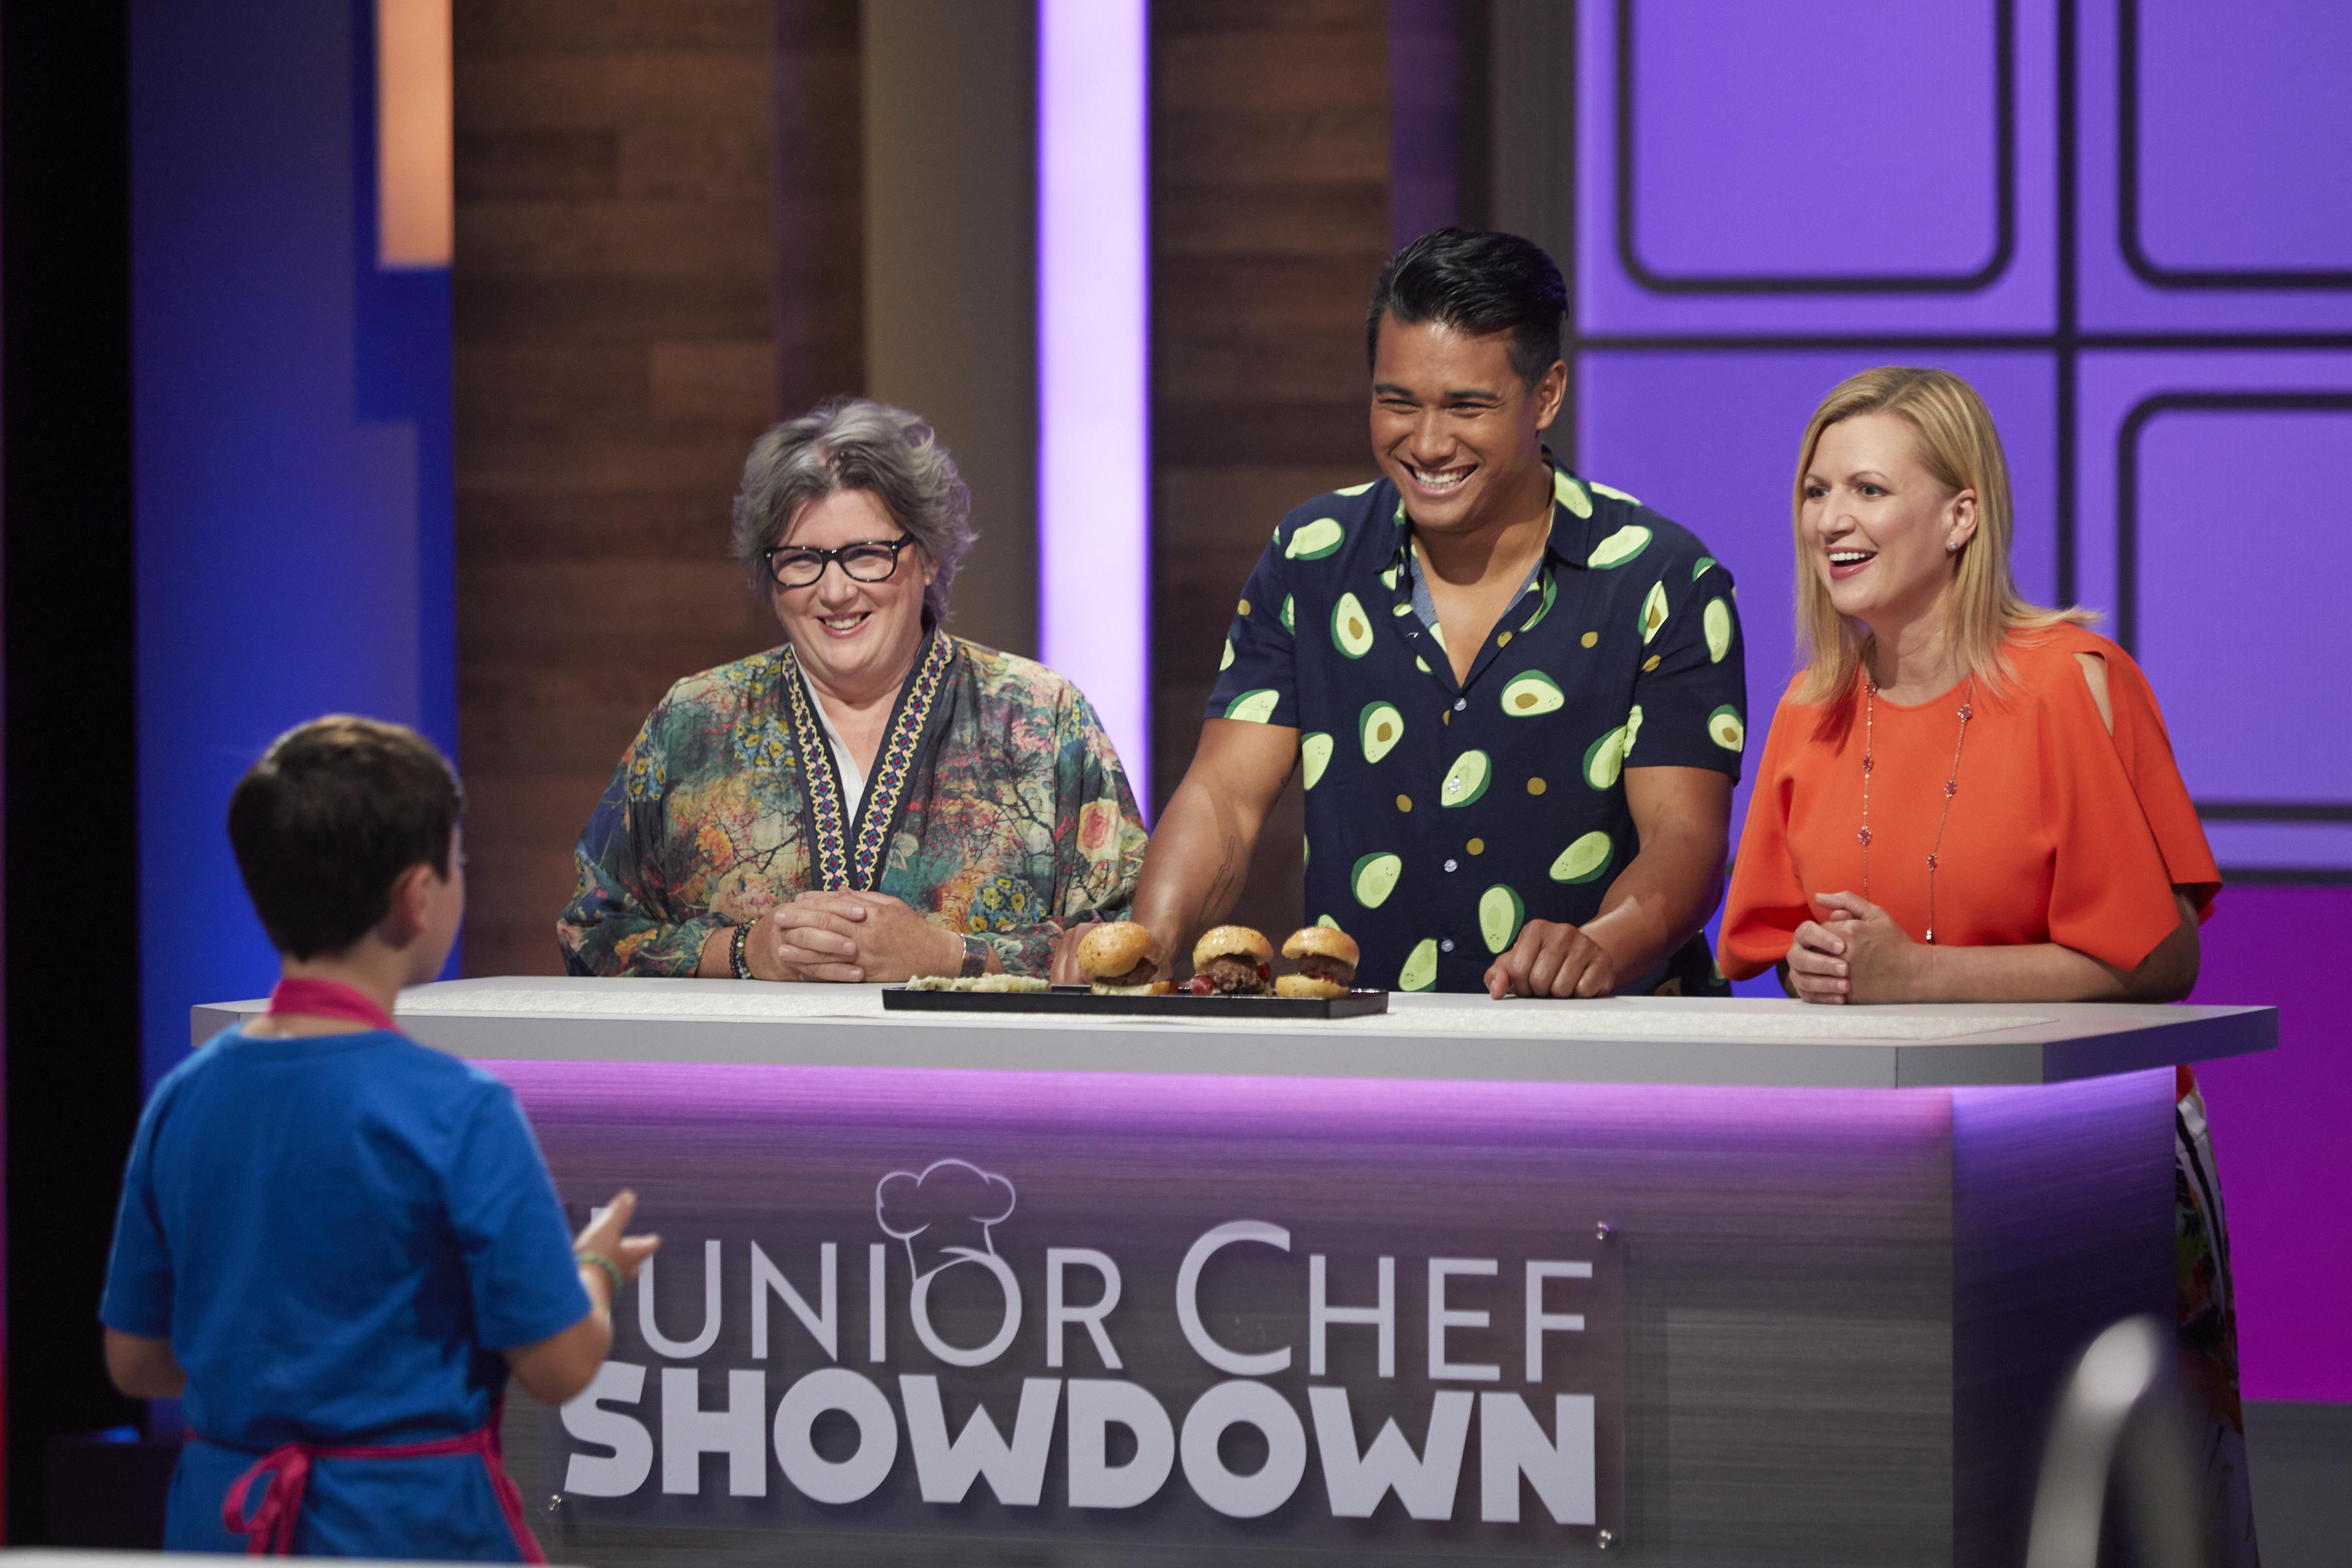 Episode 201_Judges tasting Ryder's dish 1Q3A2549